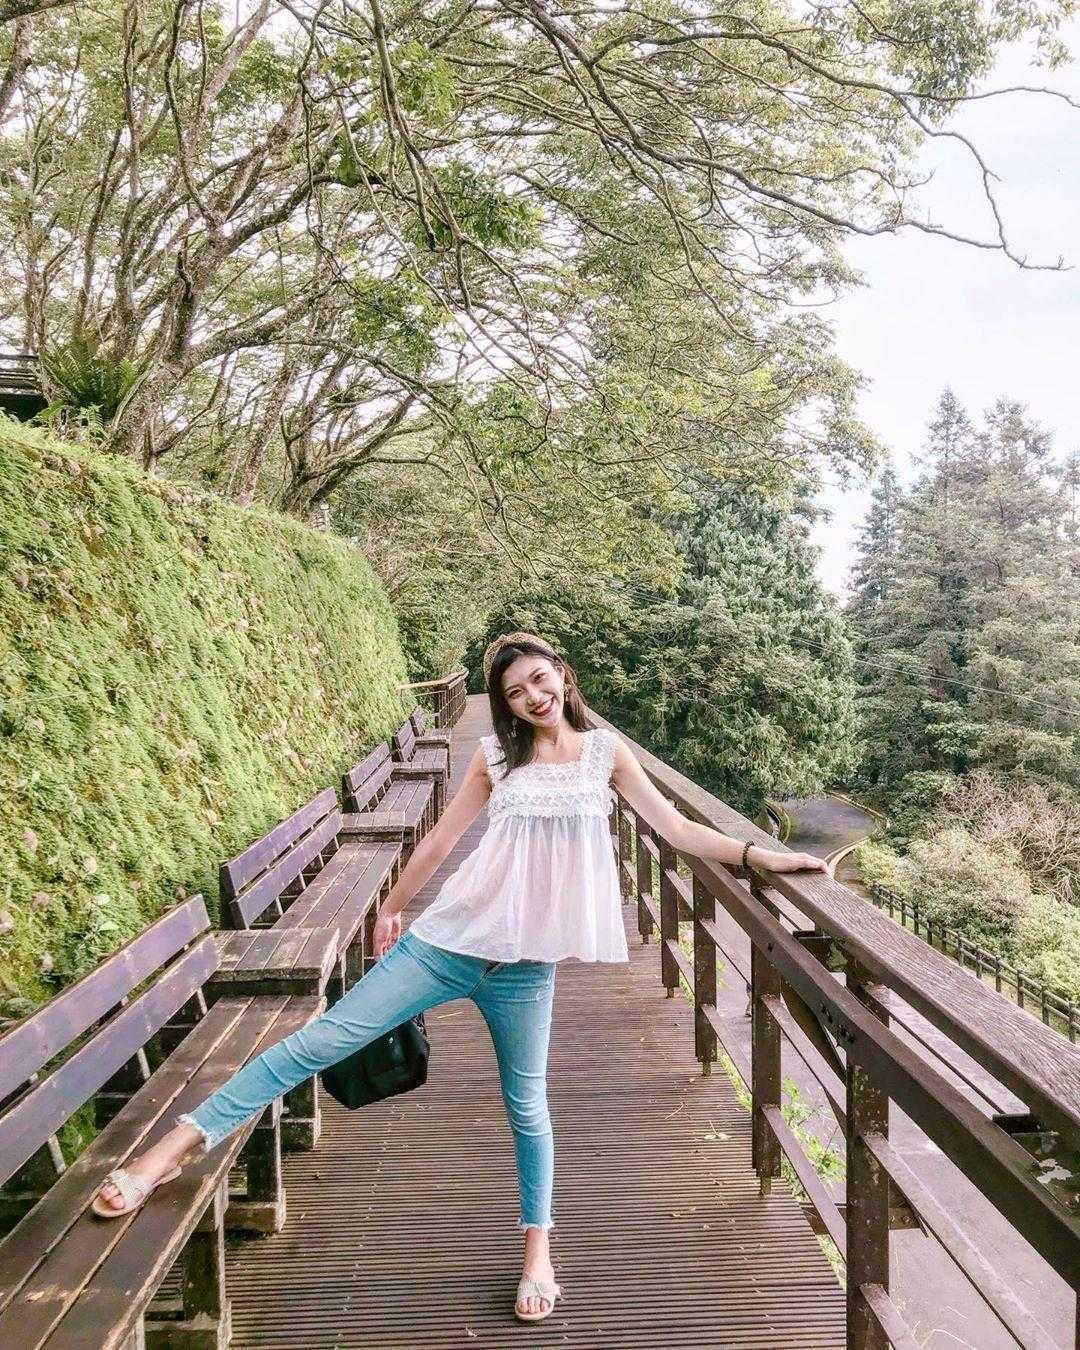 鳳凰谷鳥園生態園區 |步道